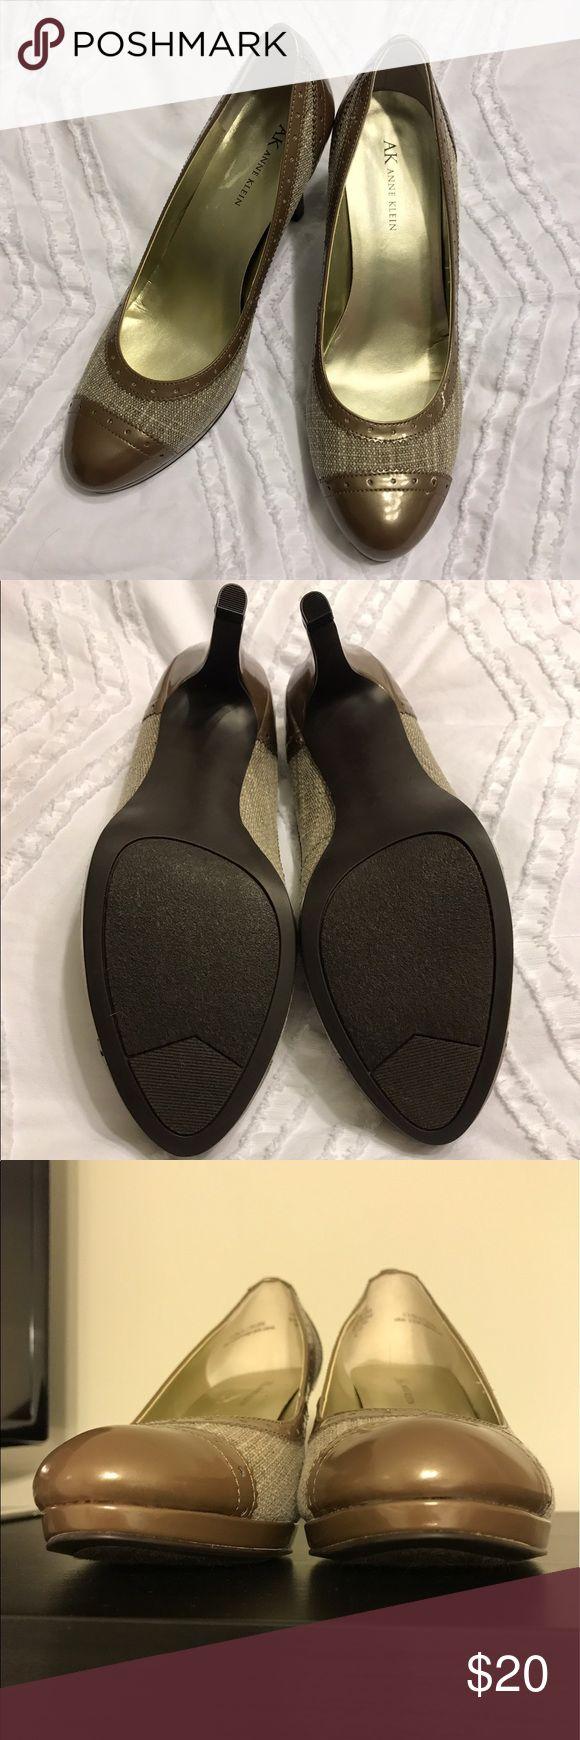 Anne Klein heels NWOT! Never worn beautiful two tone tweed heels. Anne Klein Shoes Heels